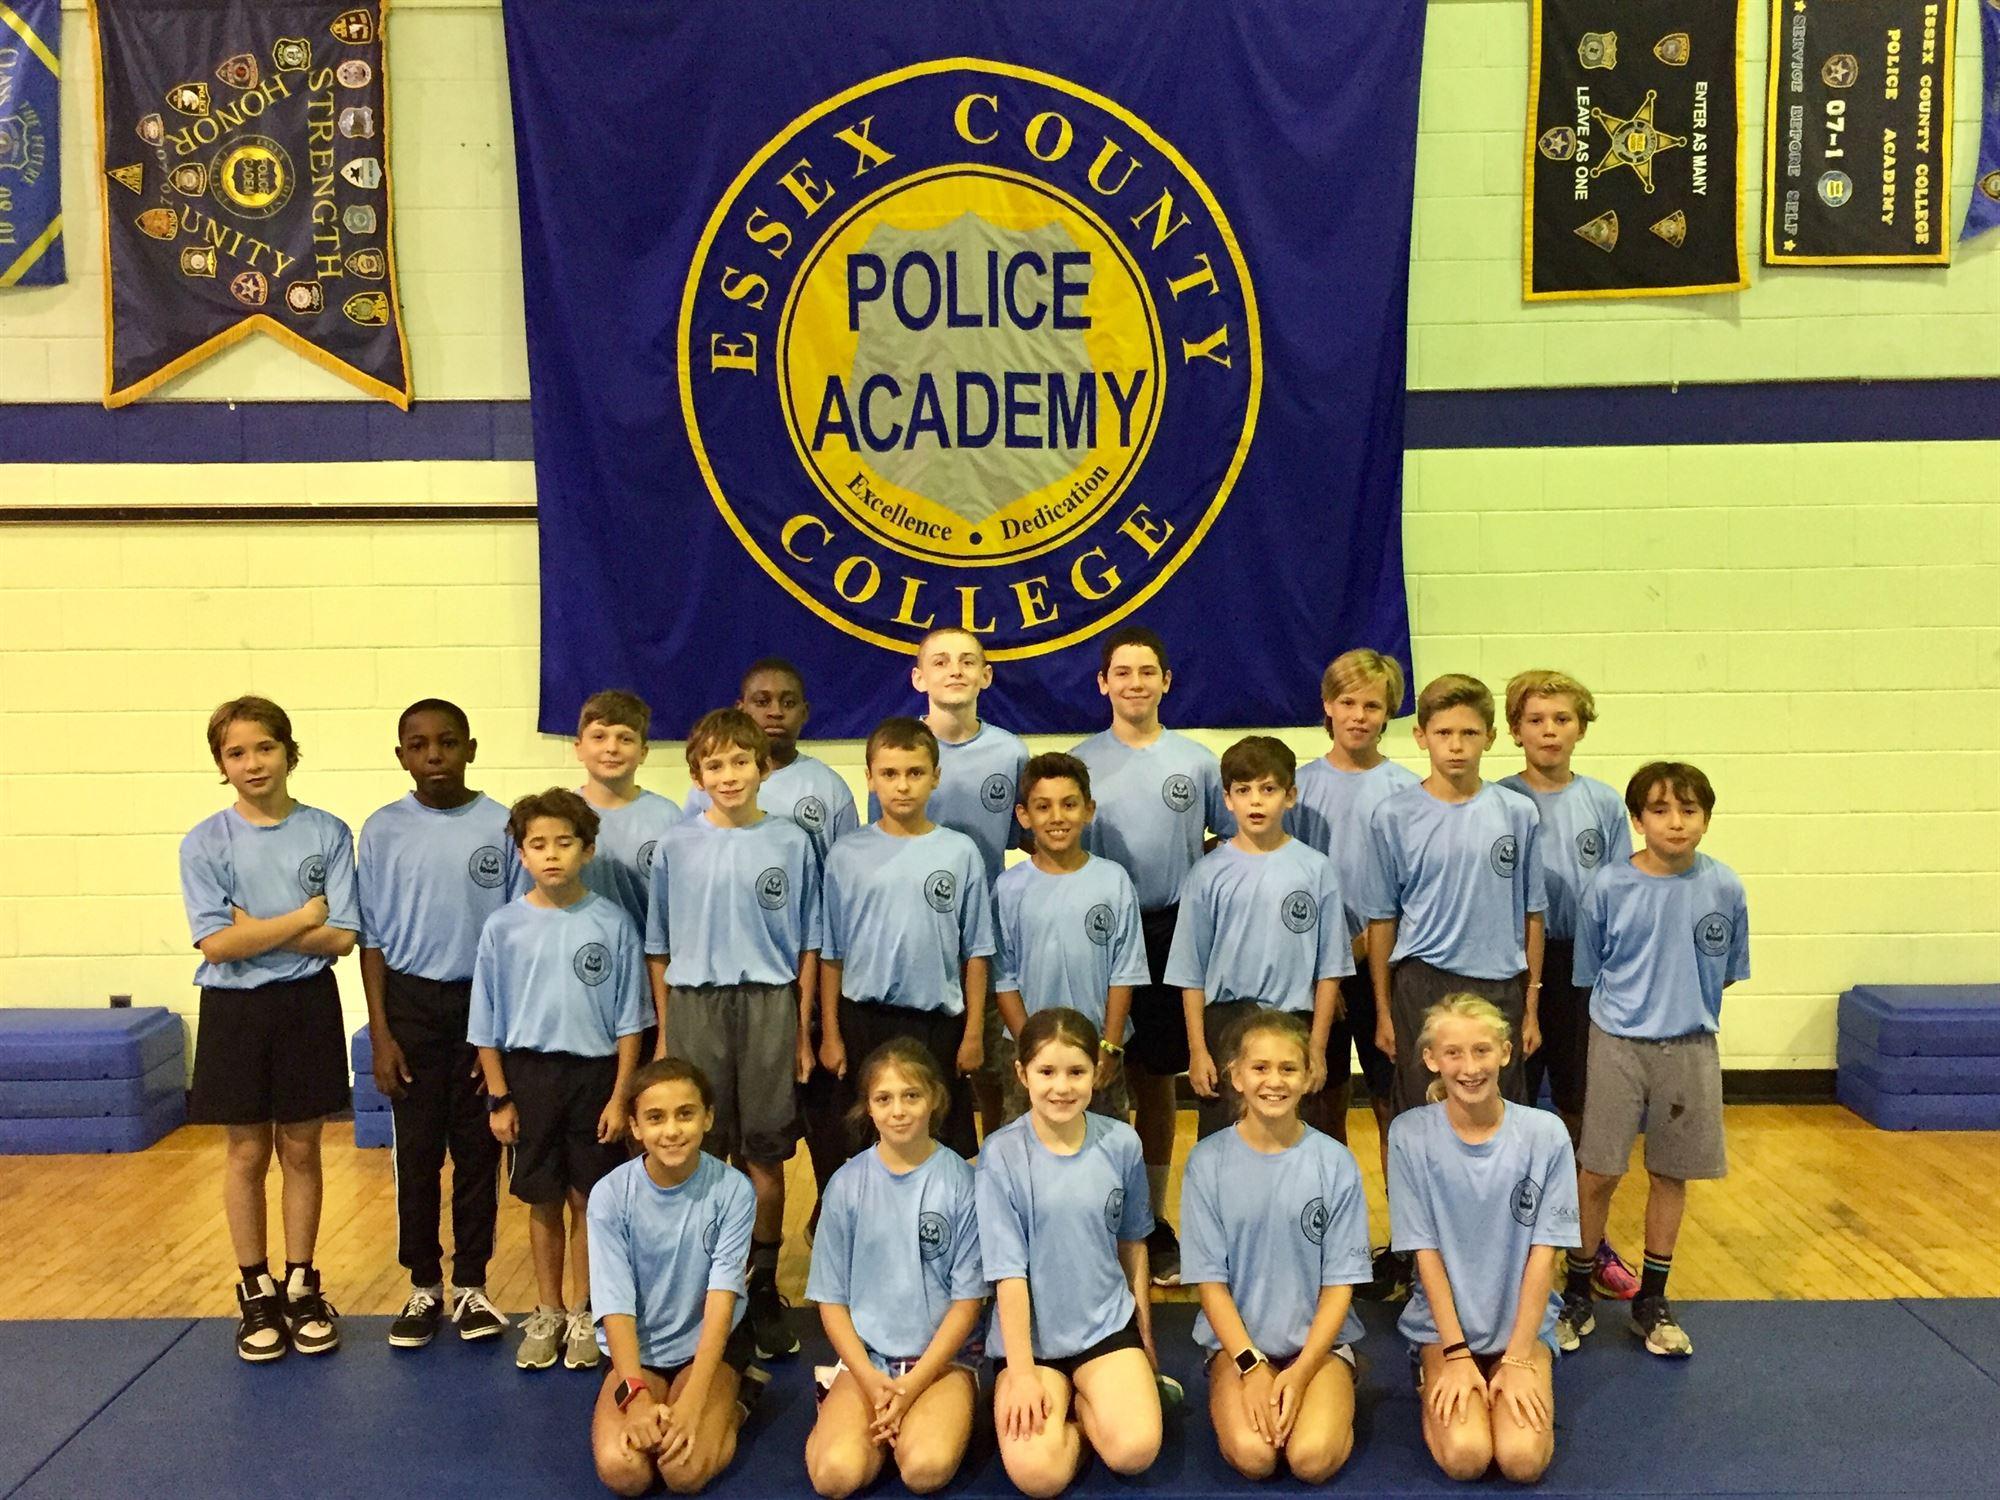 PHOTOS: 2018 South Orange Junior Police Academy Graduates 21